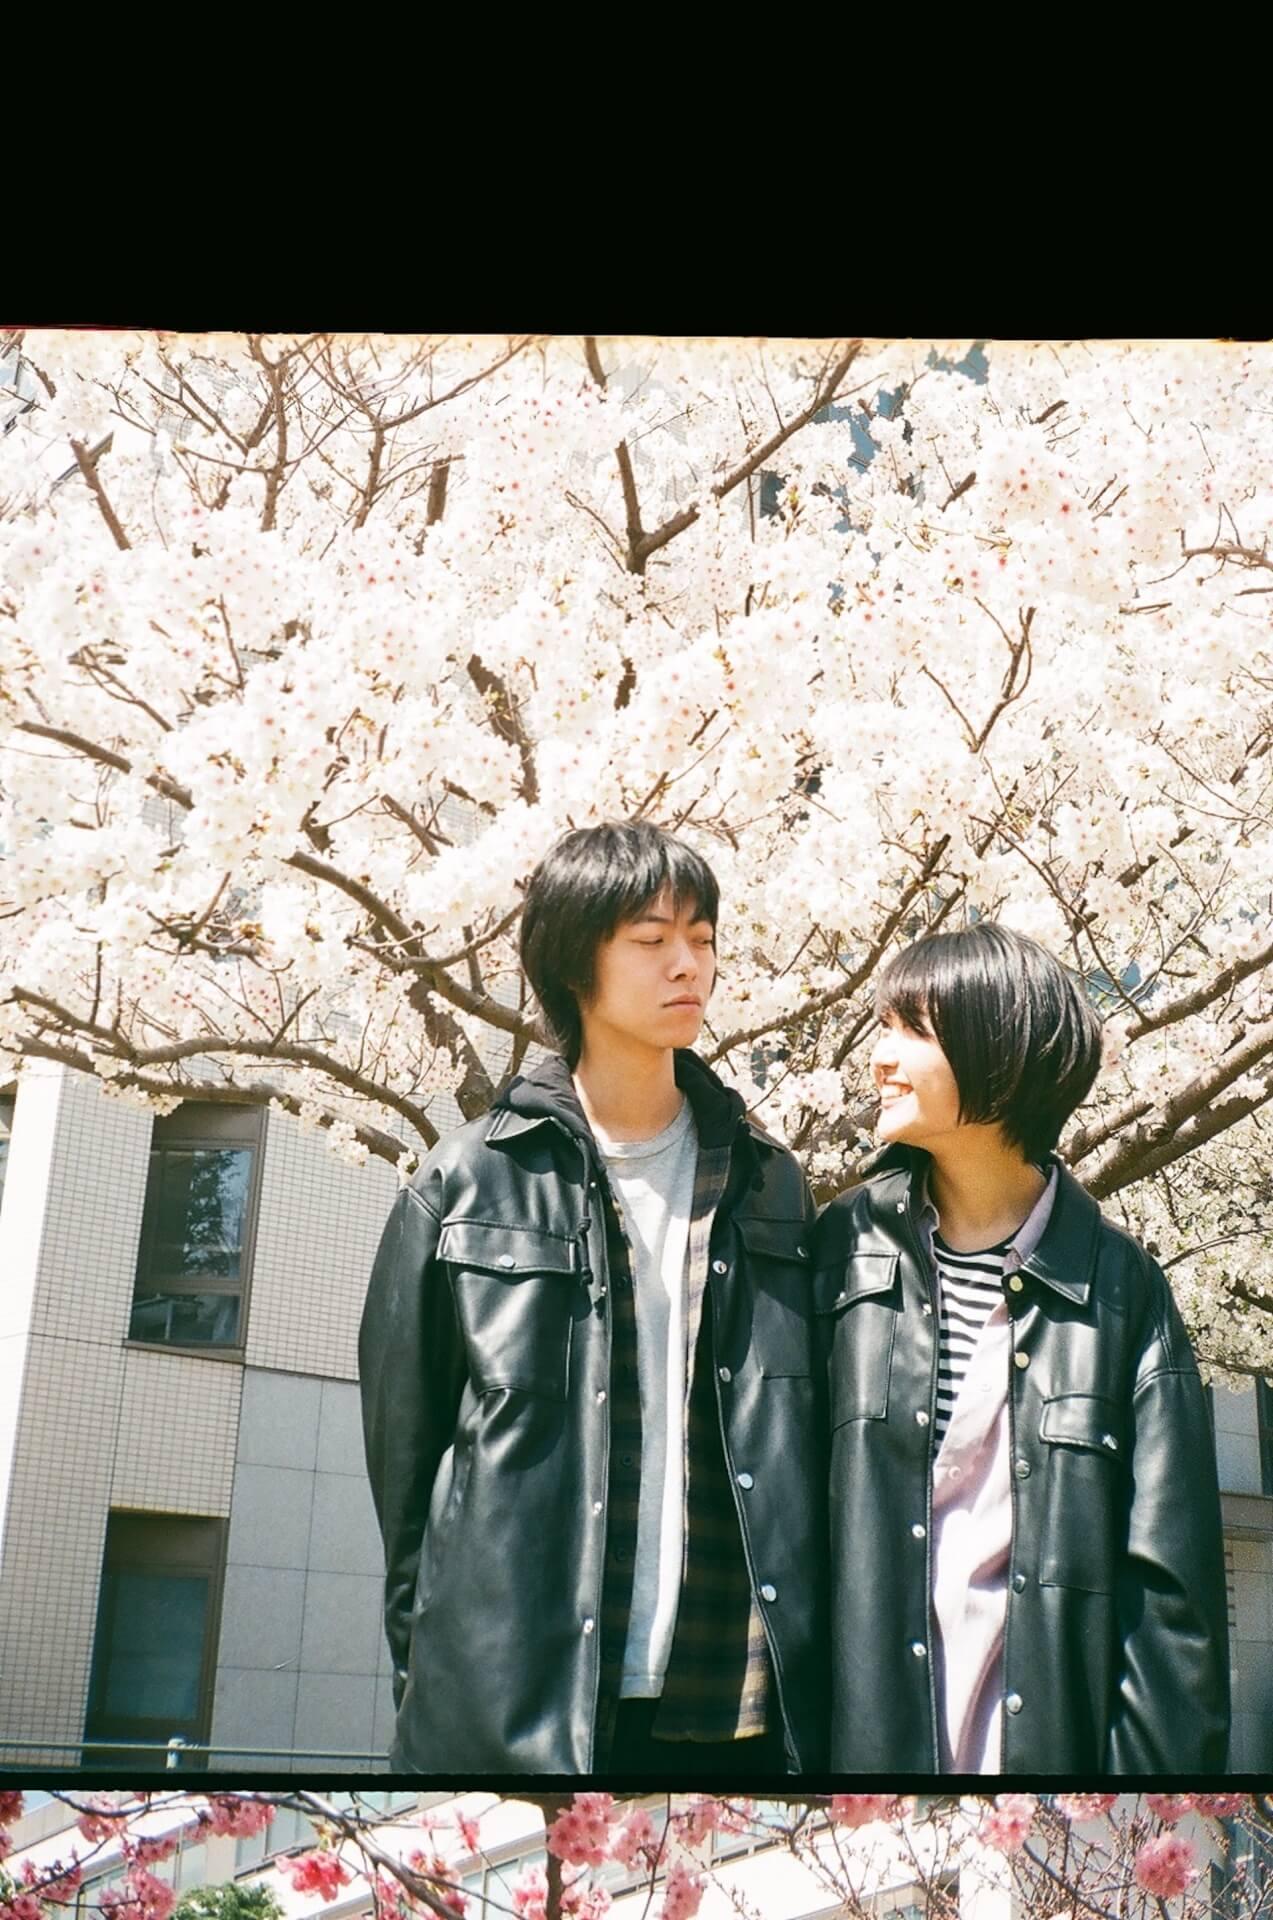 はなむけしゃしん - Ye&Nana「落花流水」 art200325_hanamukeshashin_3